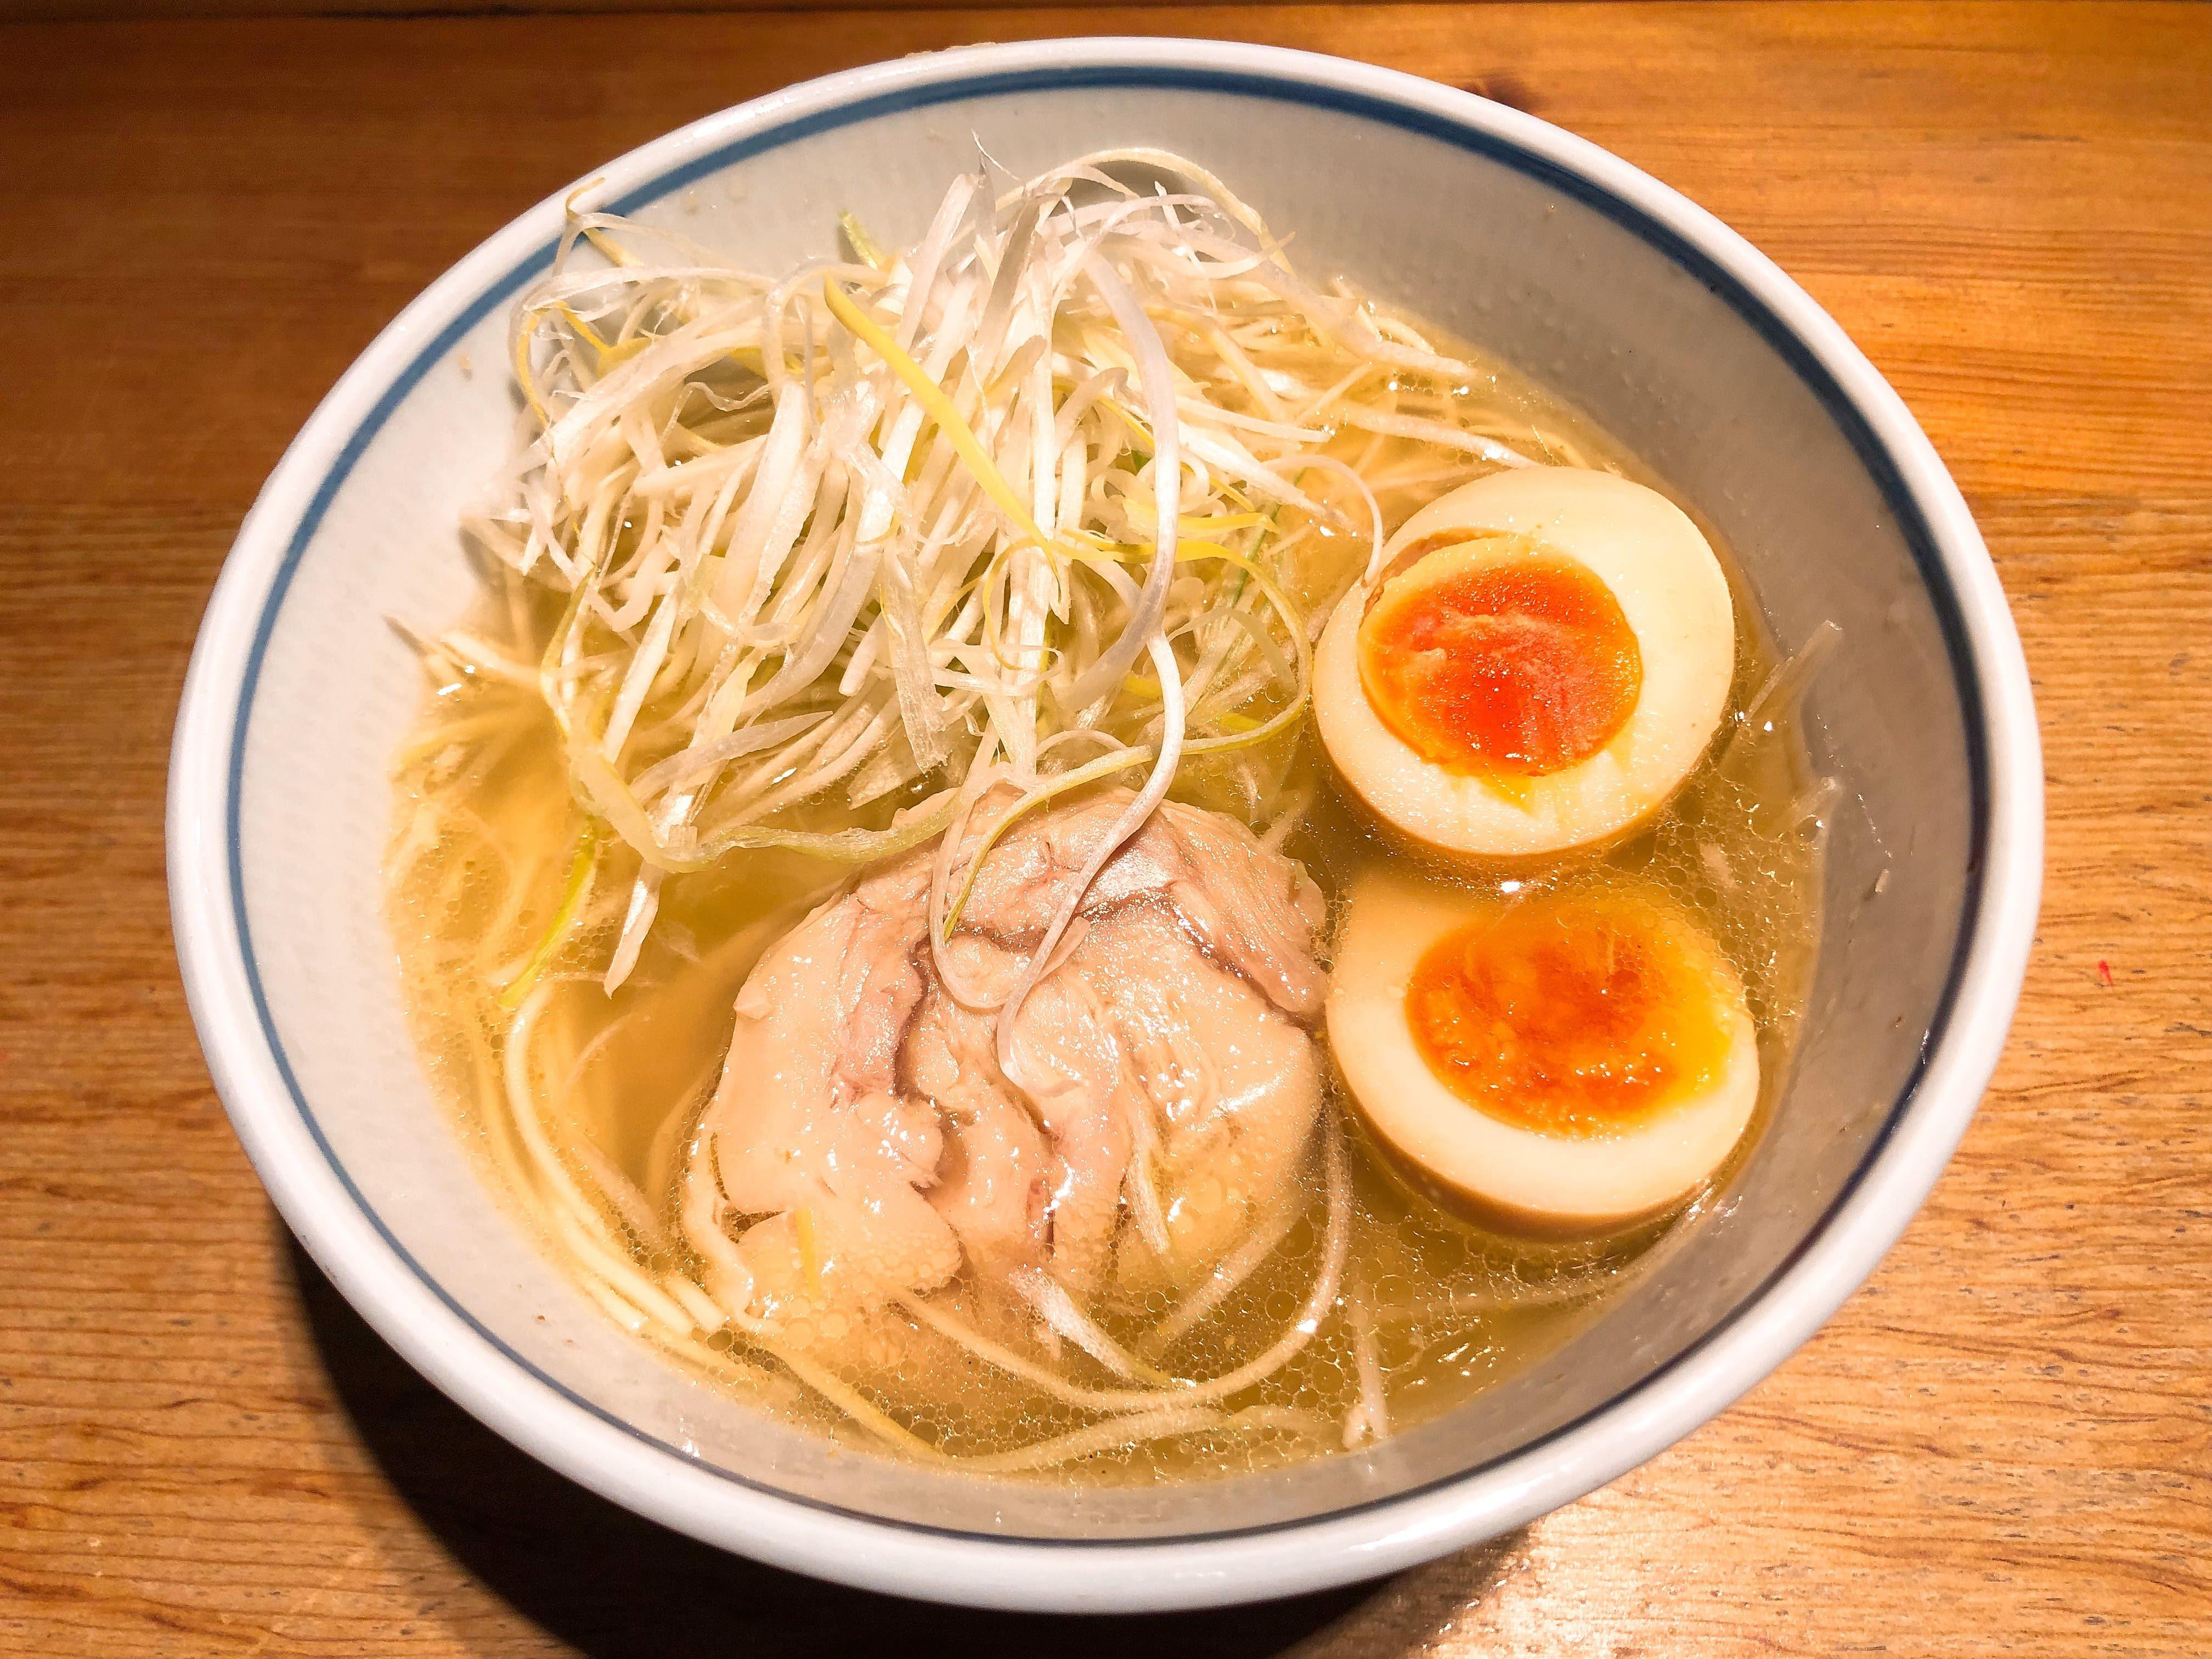 京都の老舗お蕎麦屋さんが作り出す超あっさり塩ラーメン『あっさり鶏そば』@そば処 為治郎【東京】